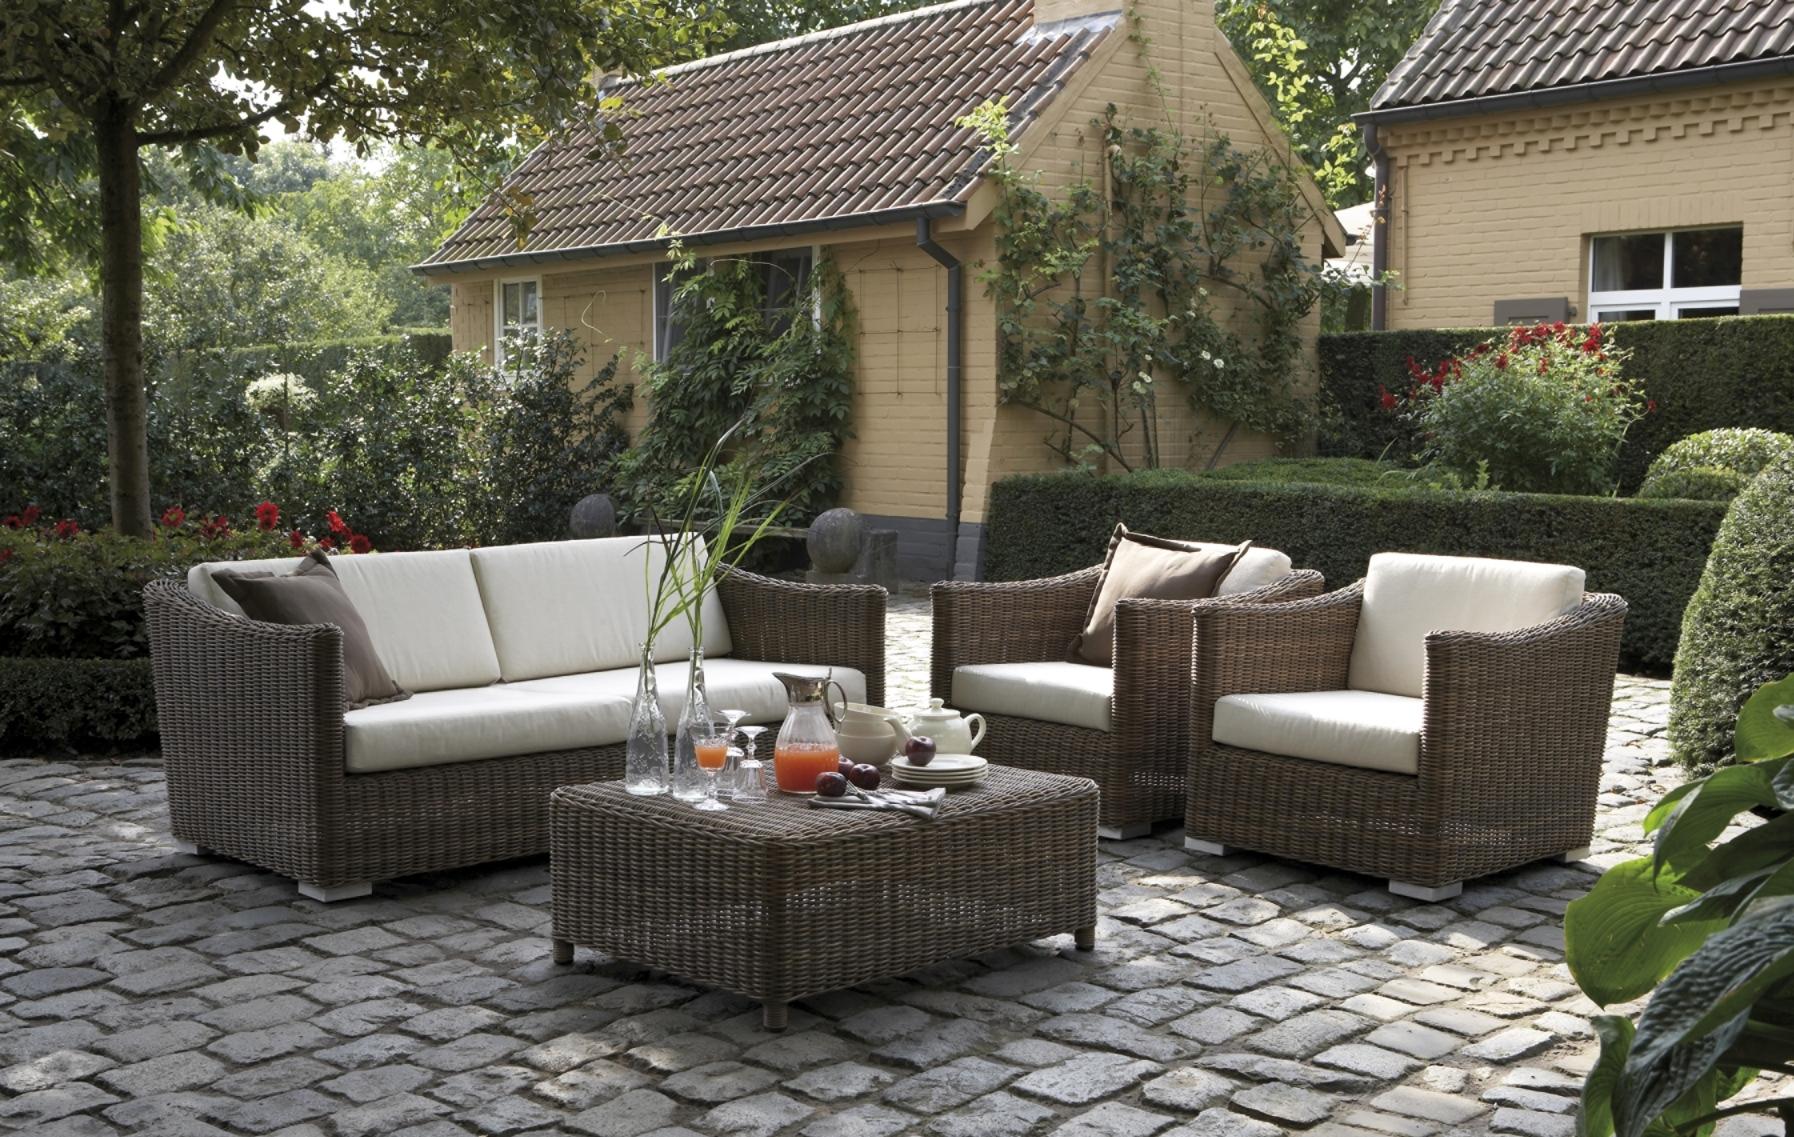 Fresh Muebles Para Jardin Segunda Mano | Lapatio Idea